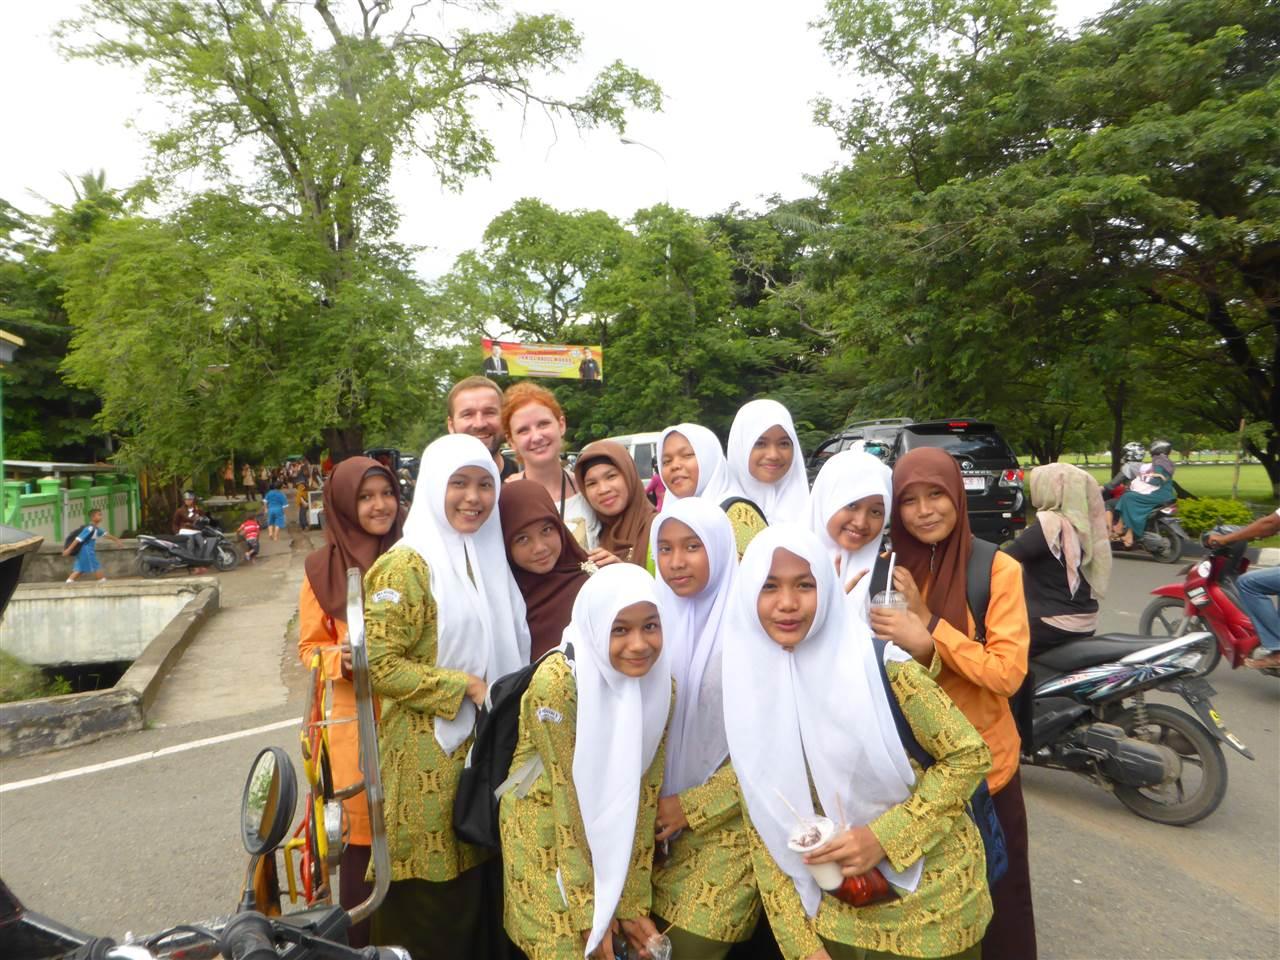 Banda Aceh – Freud und Leid einer traurigen Berühmtheit